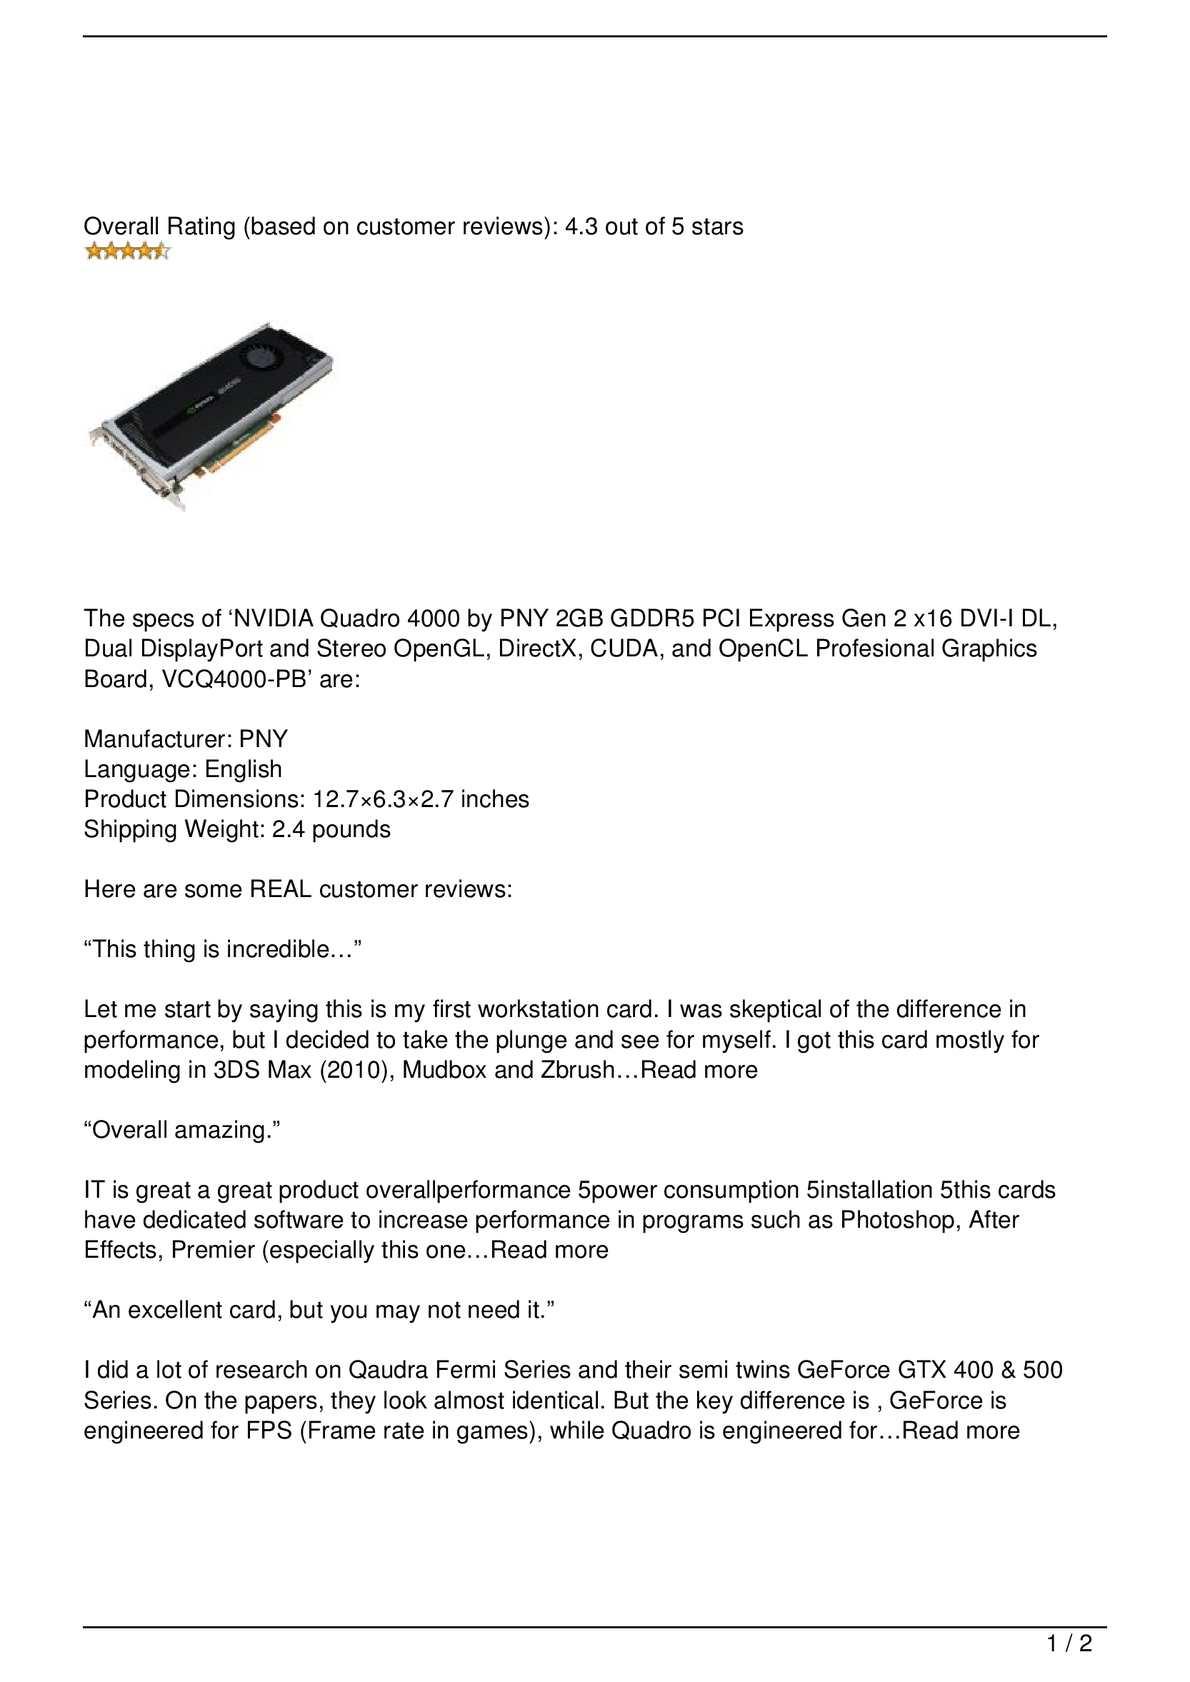 Calaméo - NVIDIA Quadro 4000 by PNY 2GB GDDR5 PCI Express